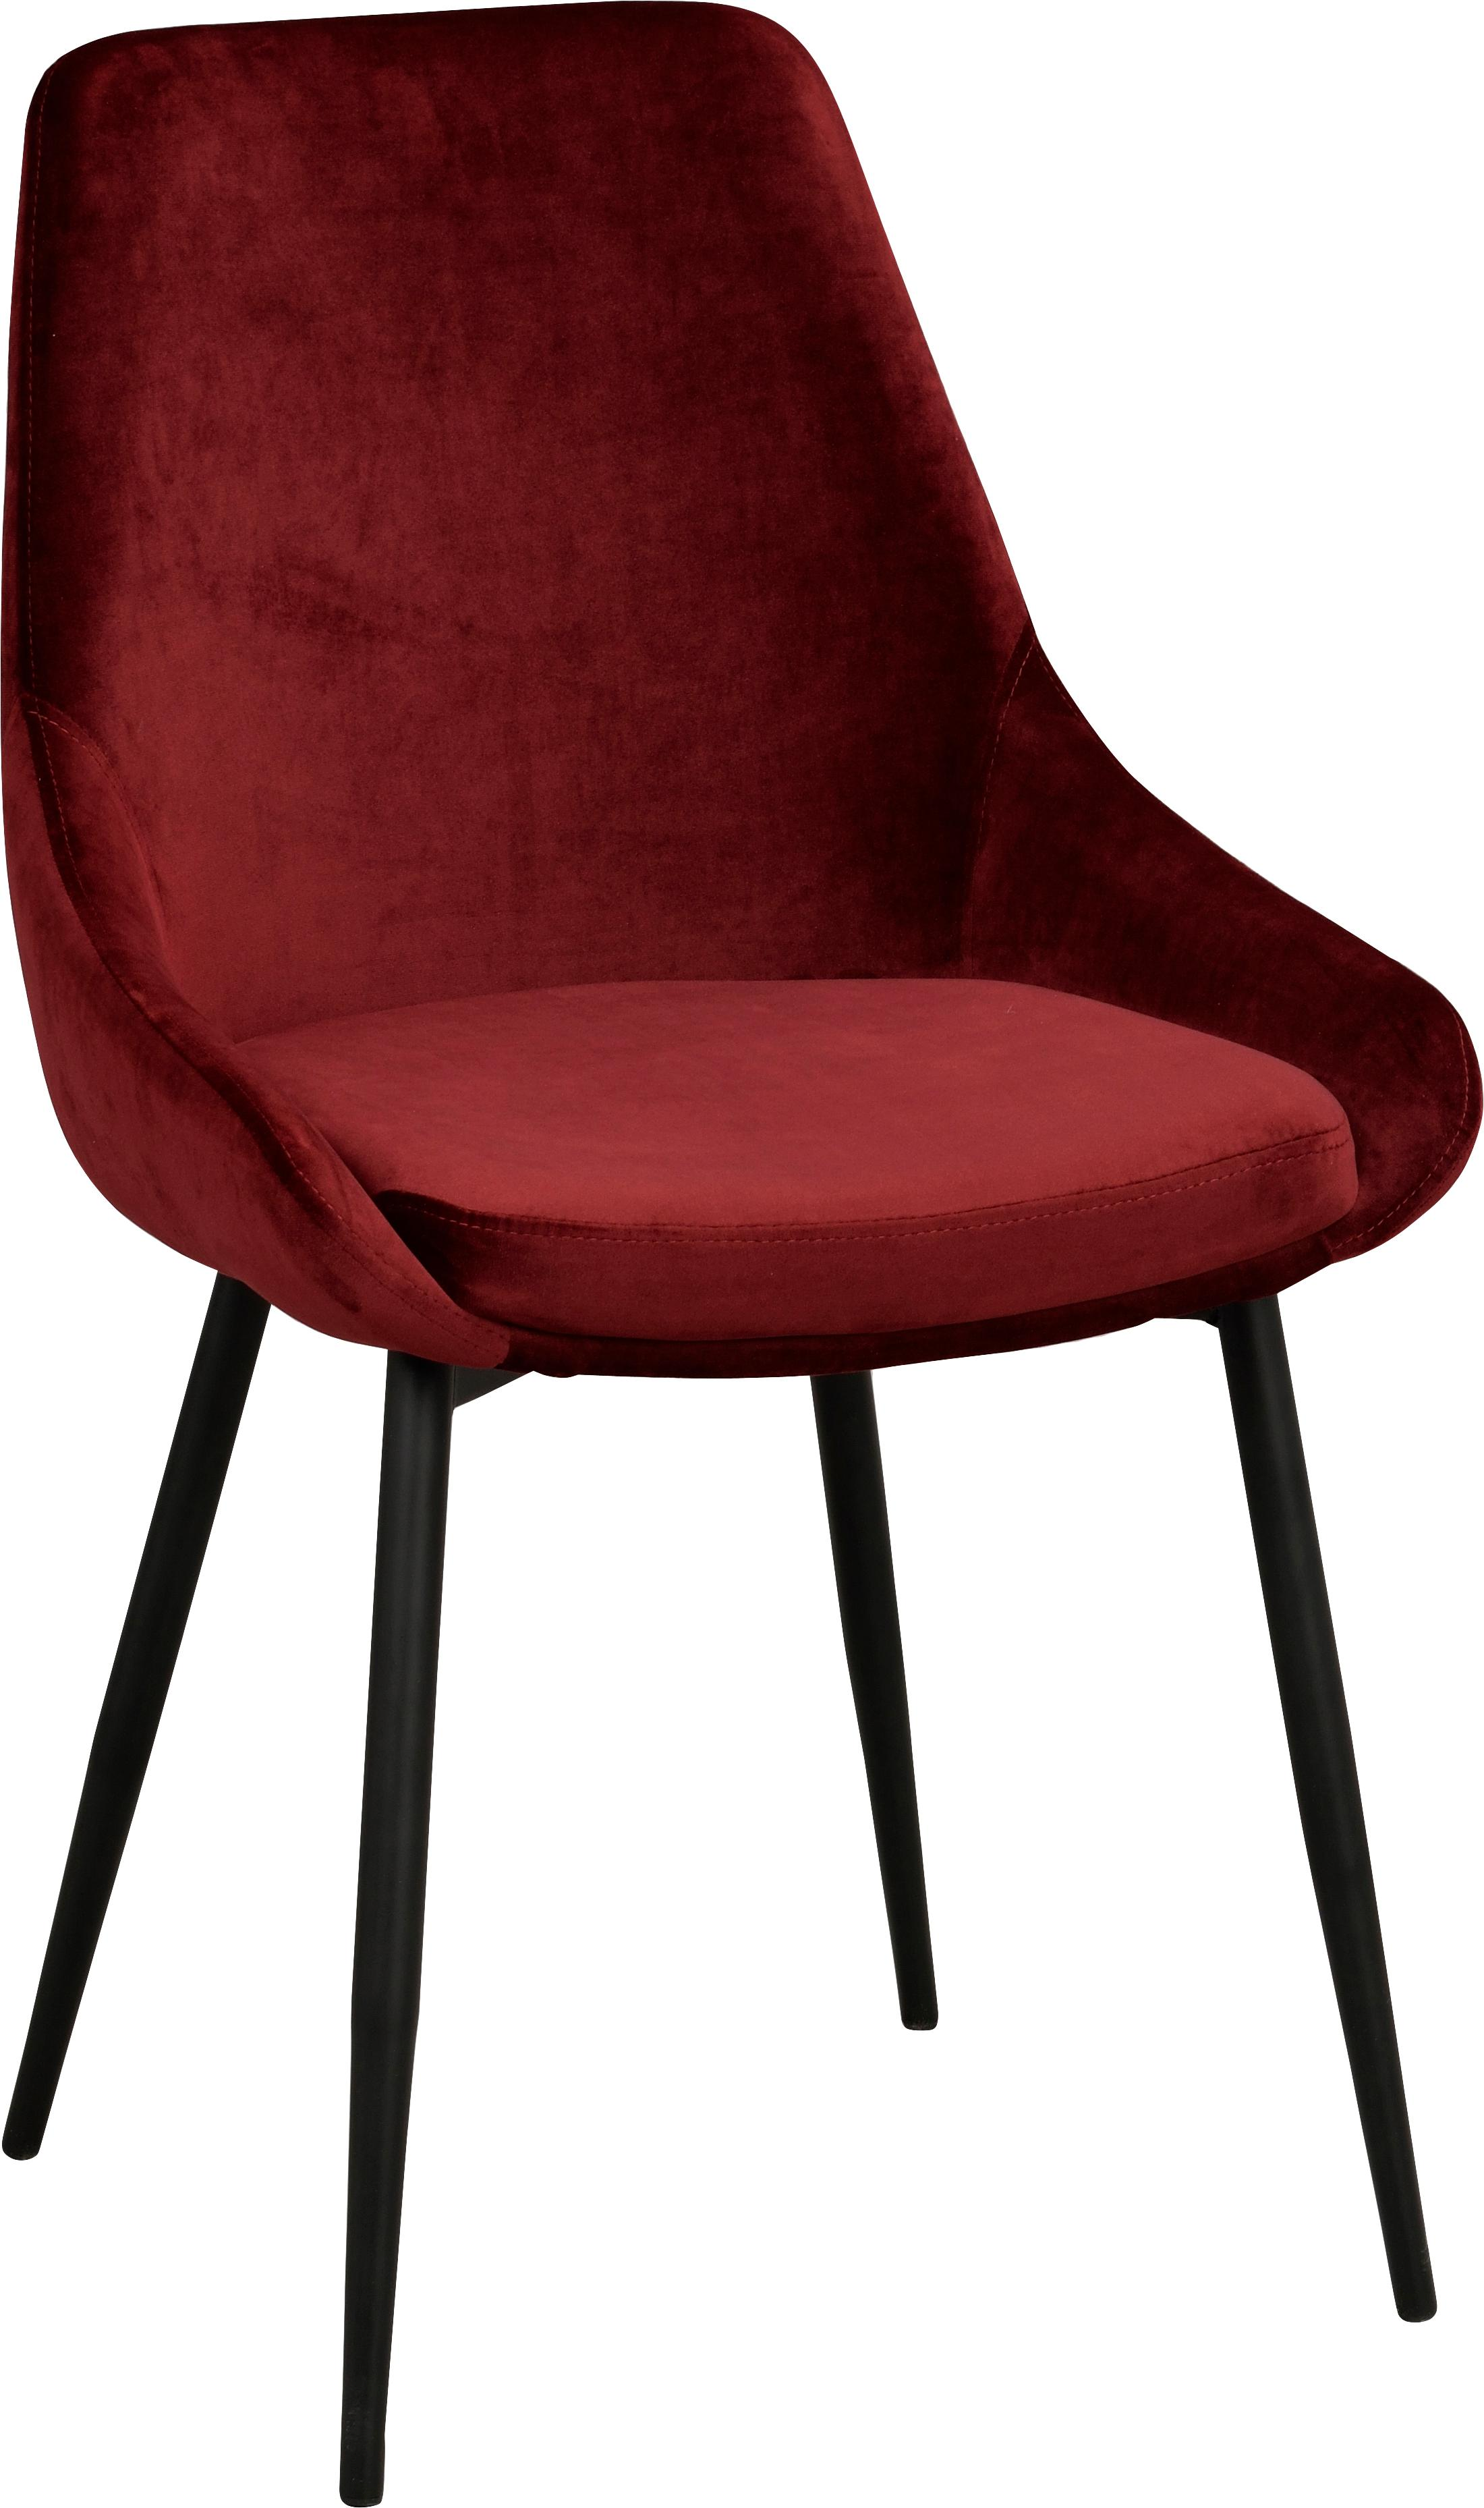 Fluwelen stoelen Sierra, 2 stuks, Bekleding: polyester fluweel, Poten: gelakt metaal, Rood, zwart, B 49 x D 55 cm